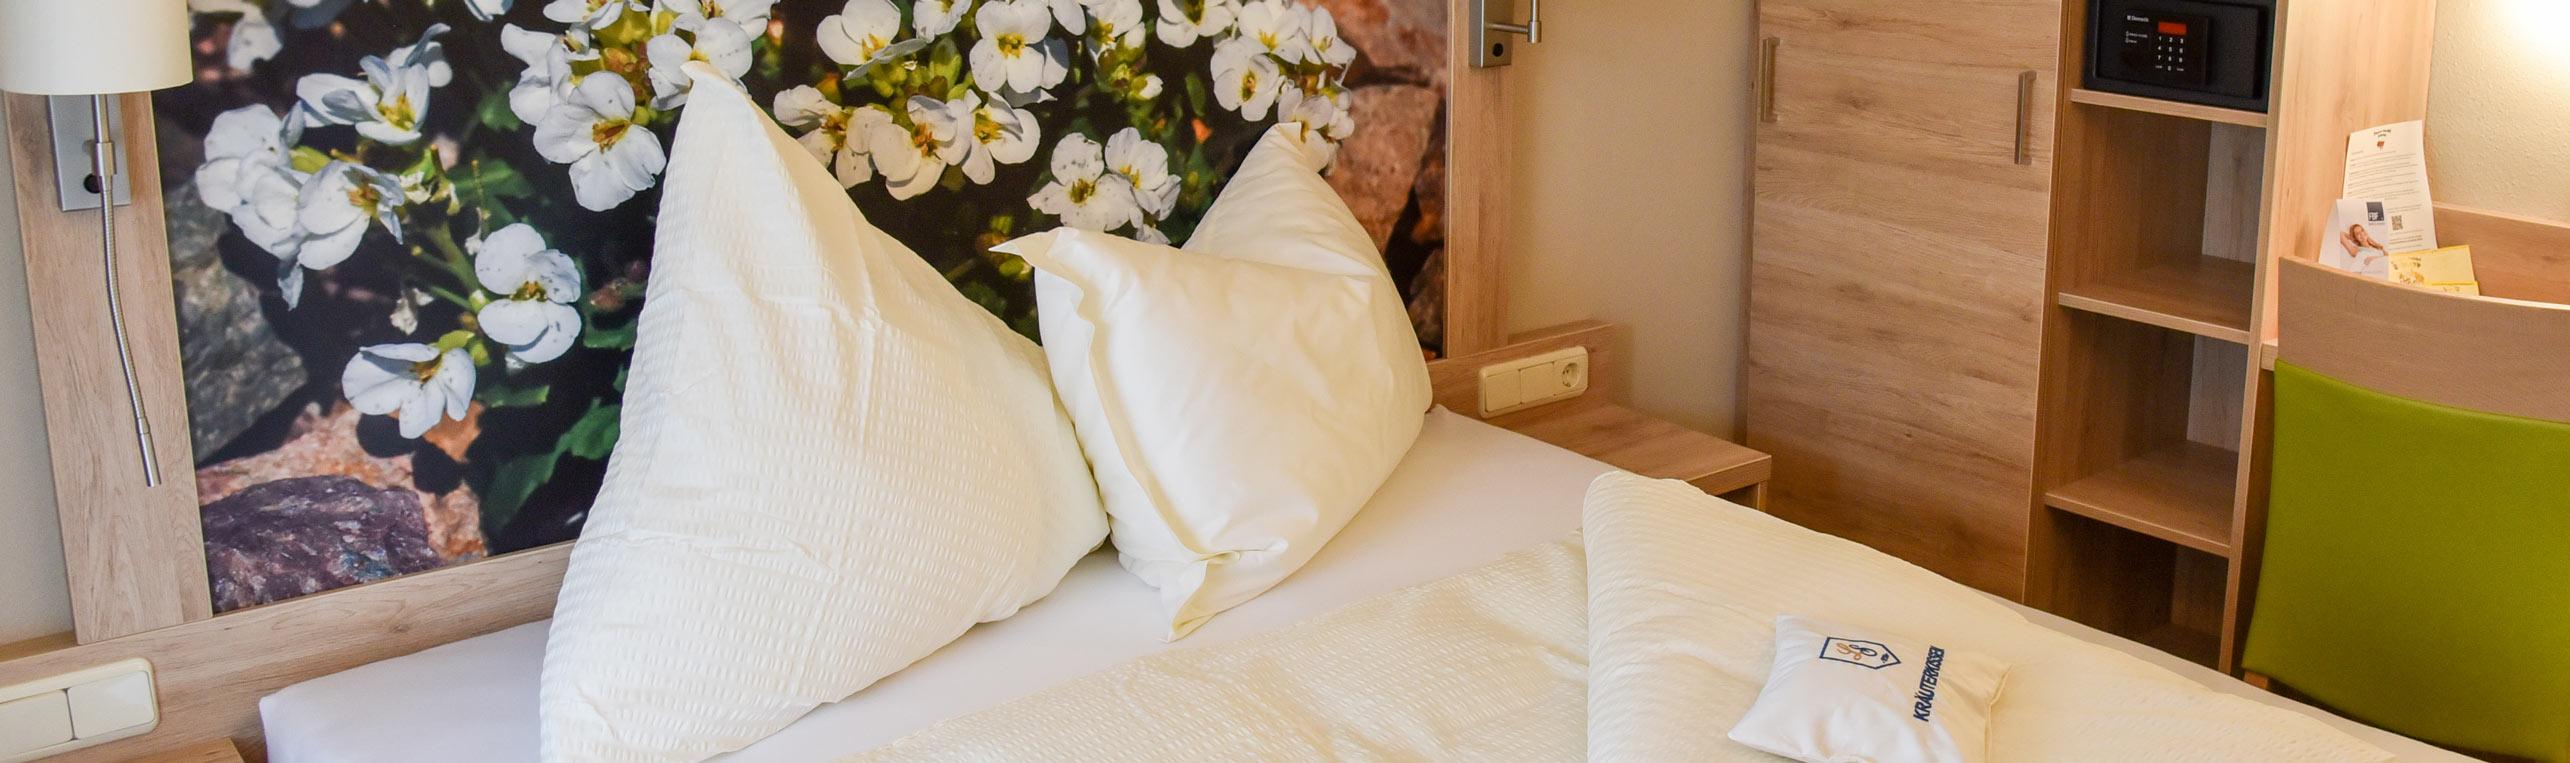 Hotelzimmer mit Bett und Schrank